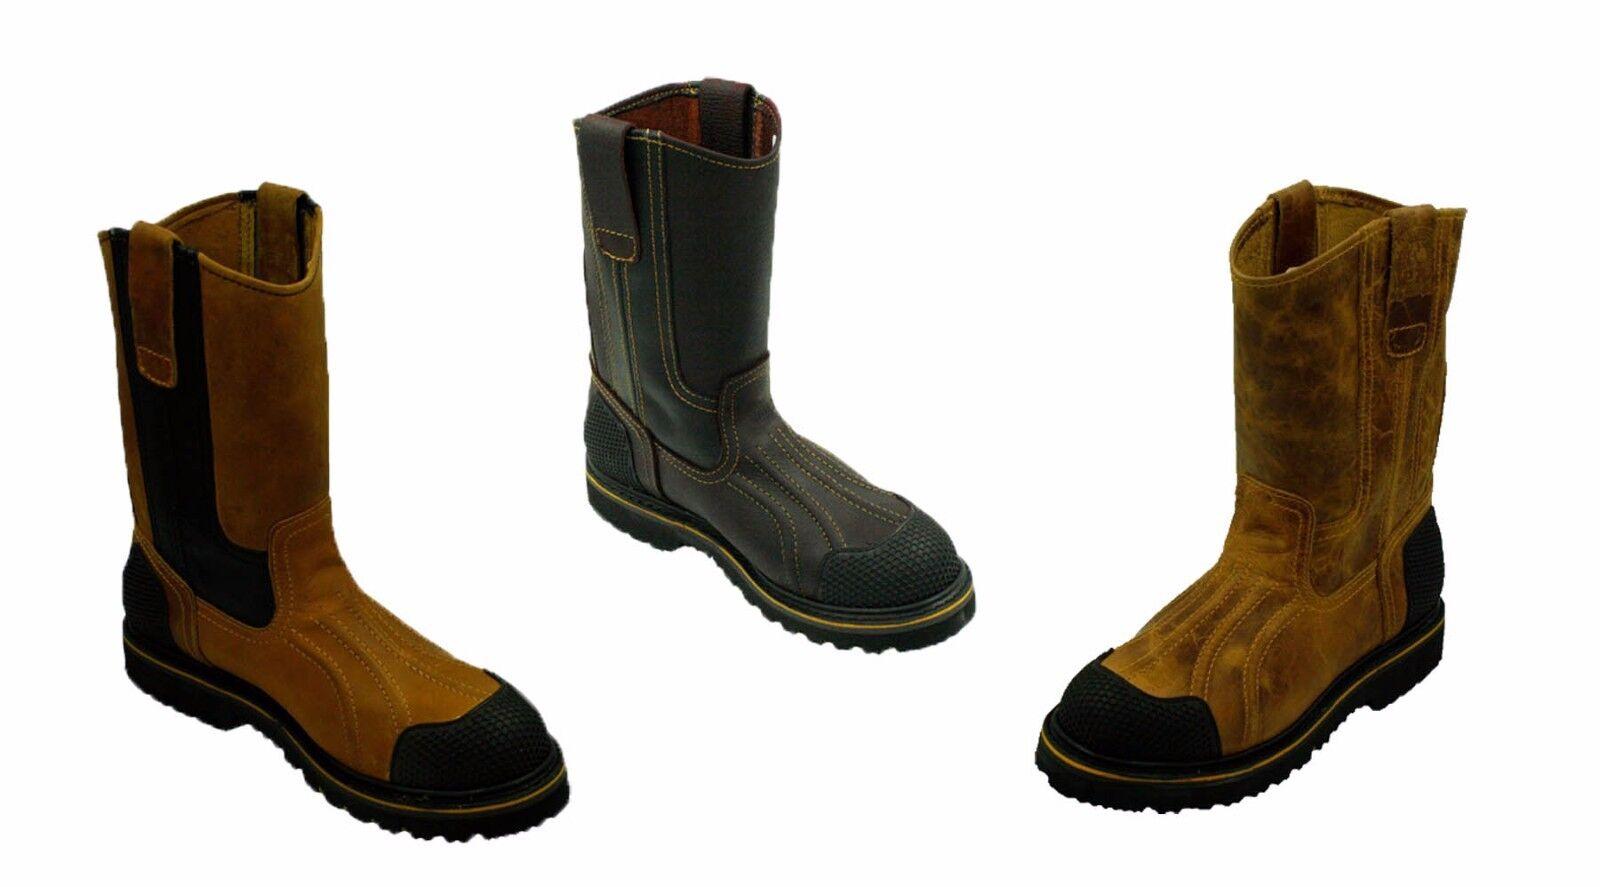 Potro rebelde-para Hombre botas De Trabajo Antideslizante Agua Aceite Gas Slip botas De Seguridad